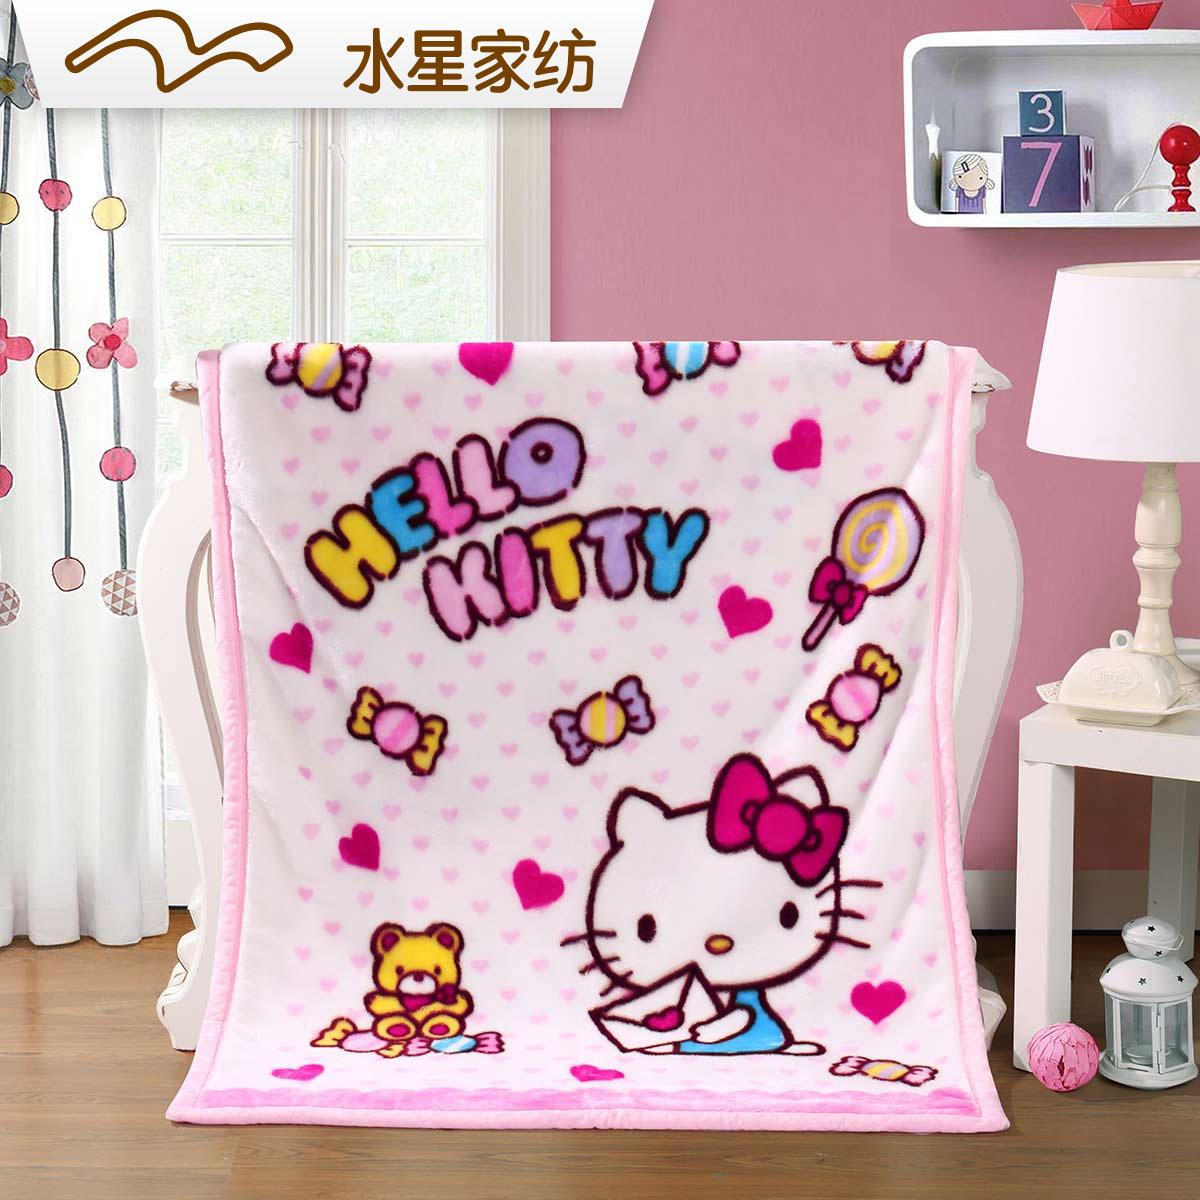 Вода звезда домой спин мультфильм порошок цветной многофункциональный одеяла сладкий питать питать тянуть дом ваш одеяло hellokitty hello kitty